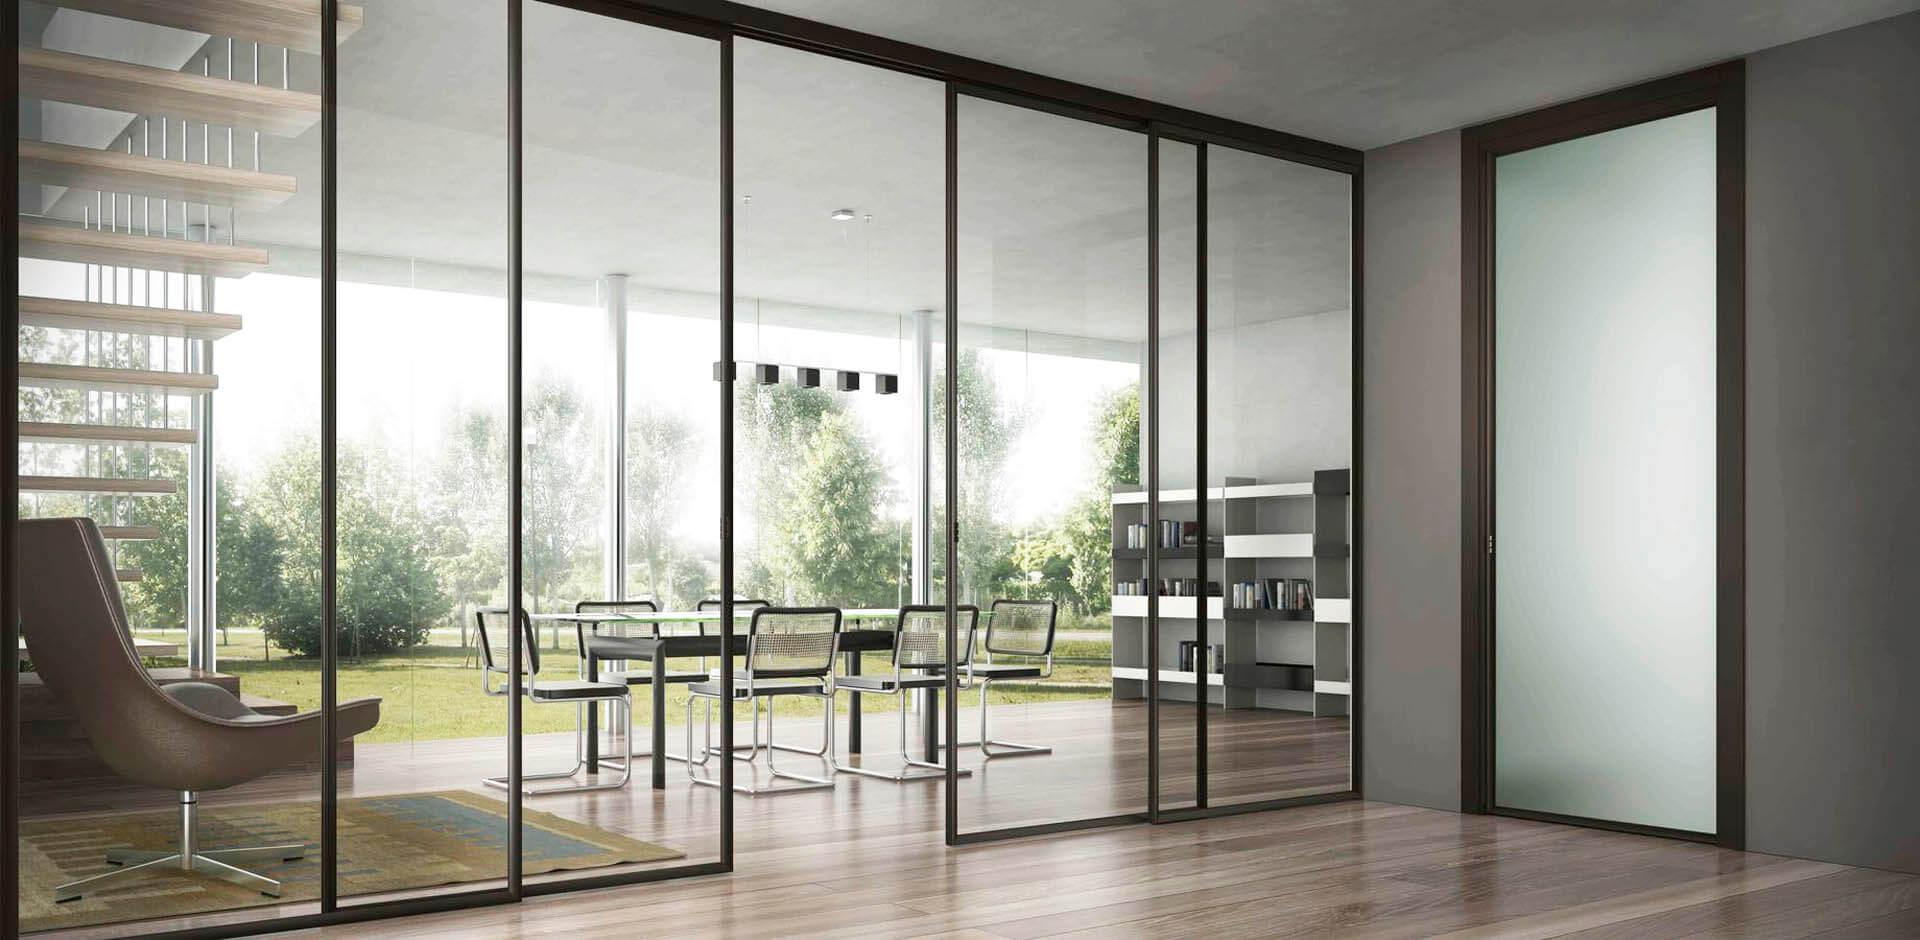 Εσωτερικός χώρος διαμπερές γραφείου με γυάλινη πόρτα εισόδου, αυτόματα ανοιγόμενες πόρτες, γυάλινα παράθυρα και γυάλινα έπιπλα